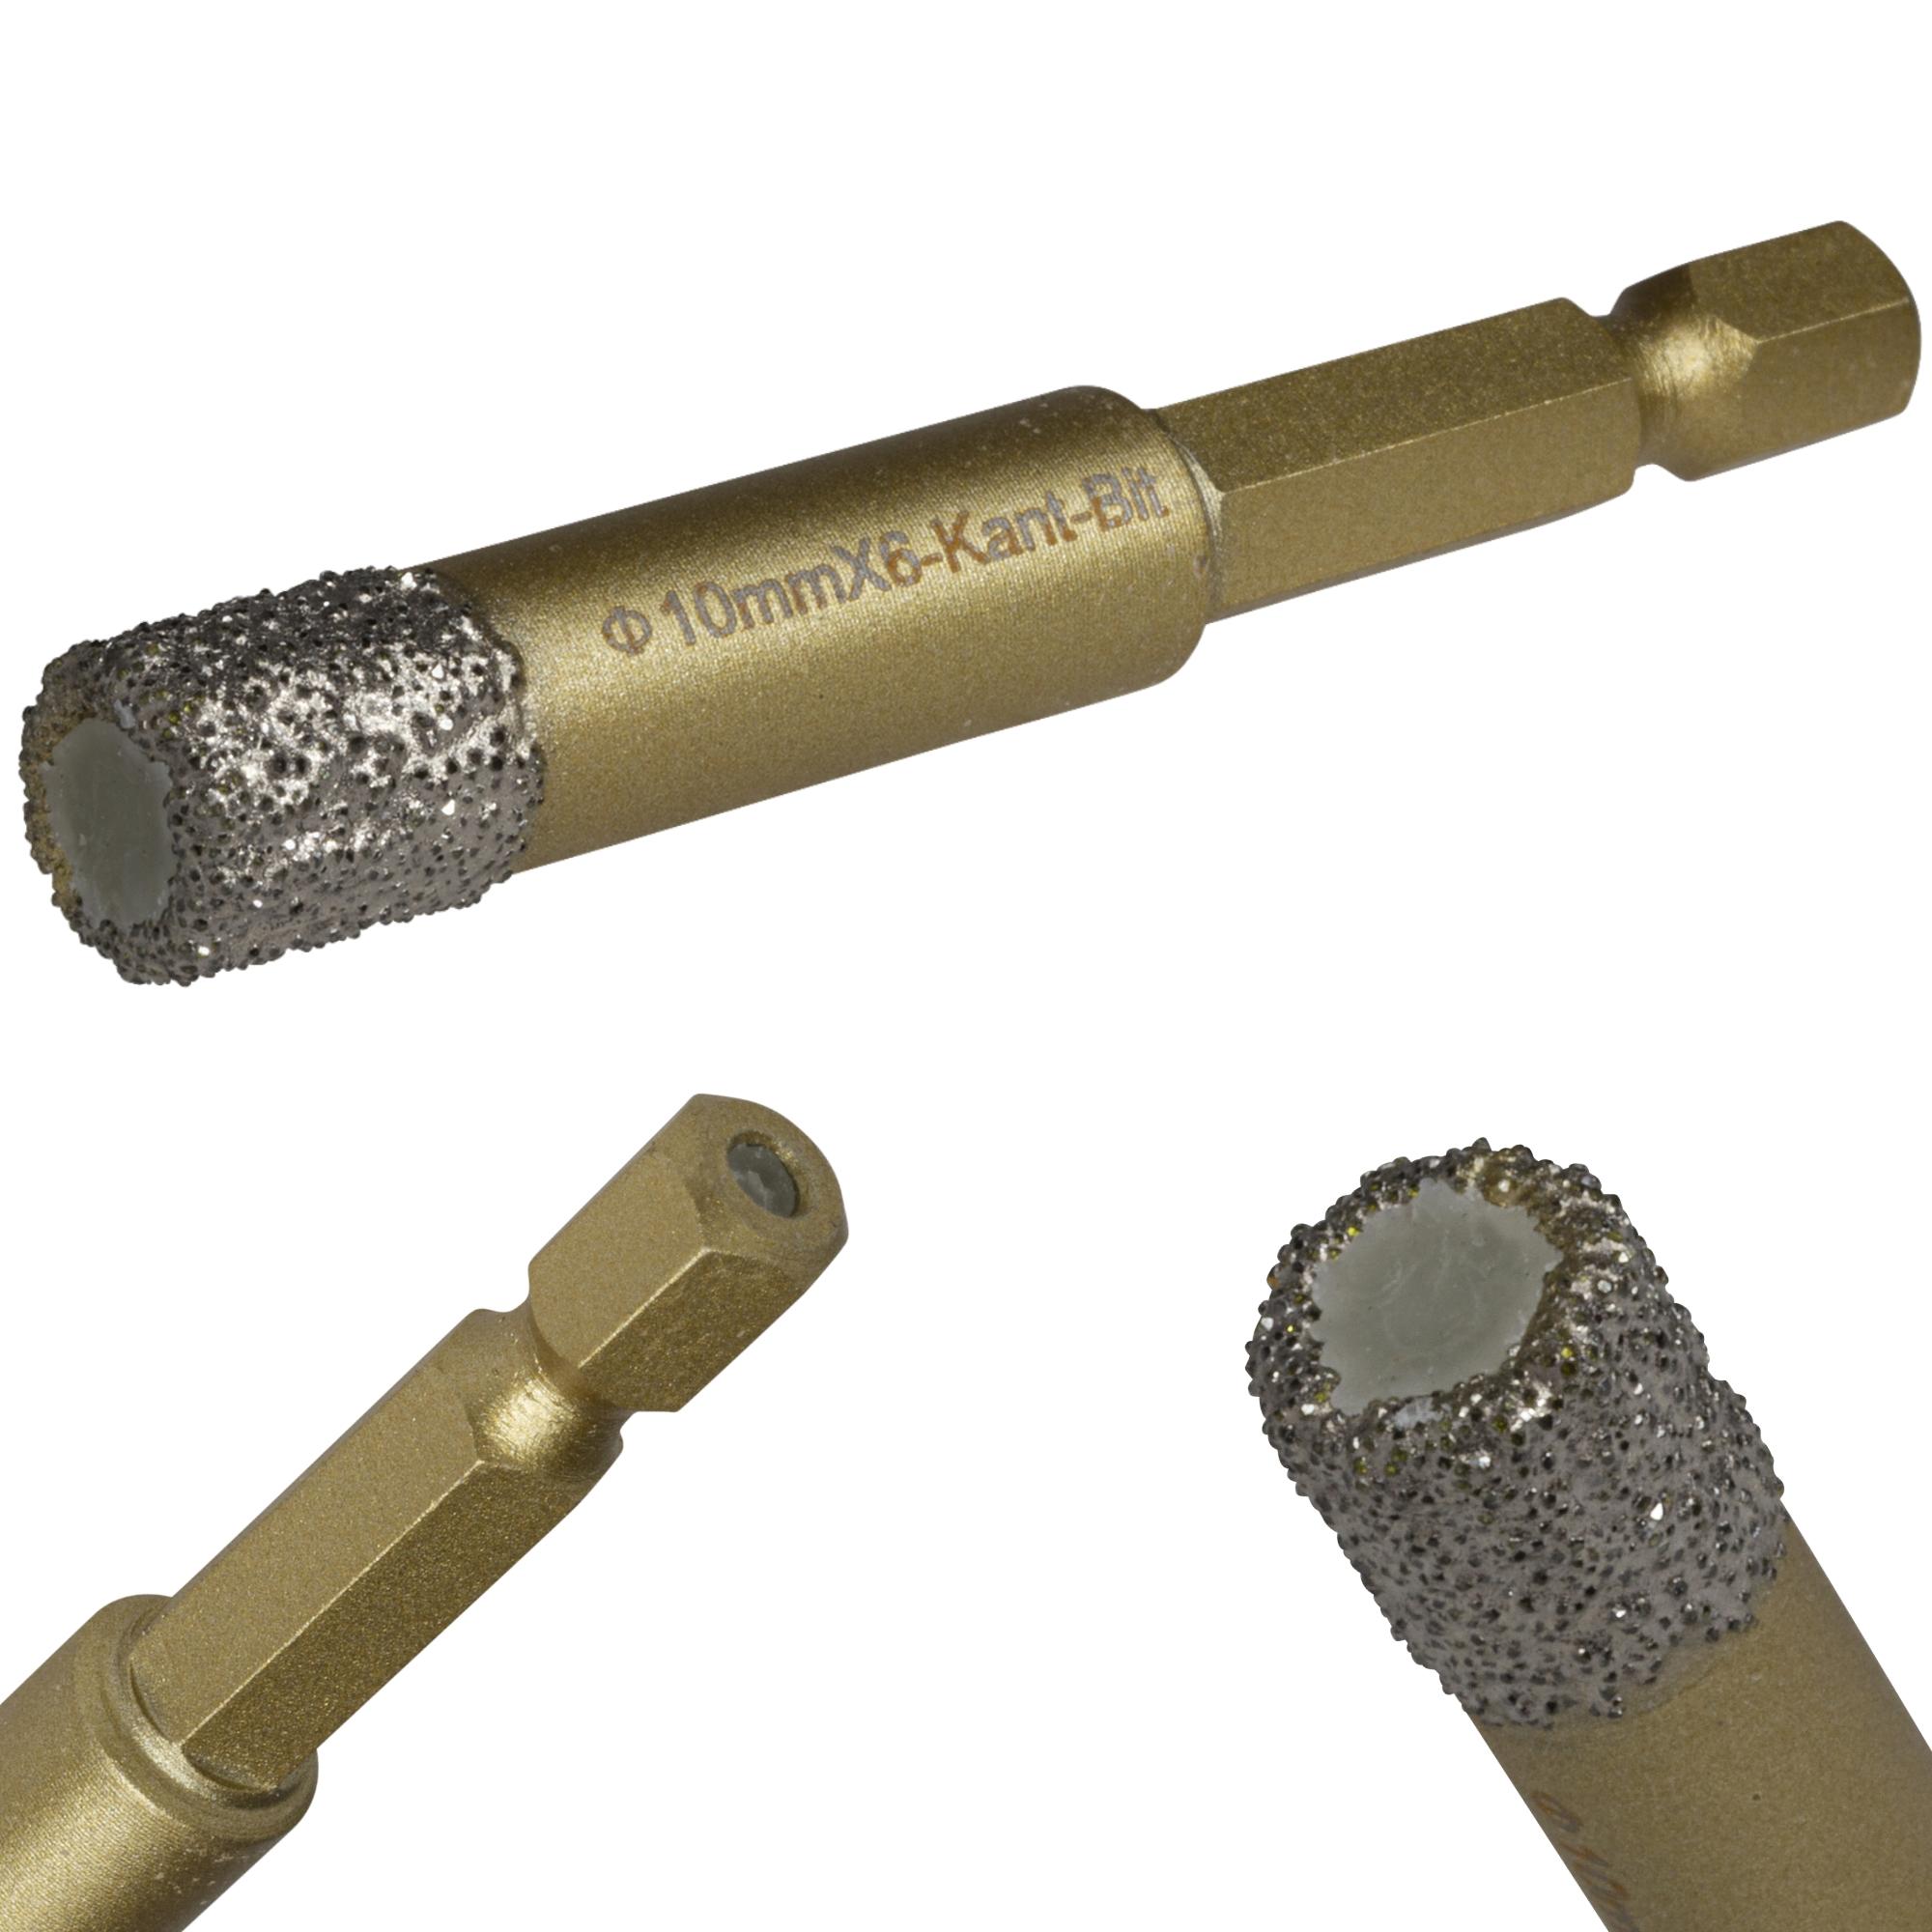 Diamantbohrkrone für Fliesen mit 6-kant-Aufnahme